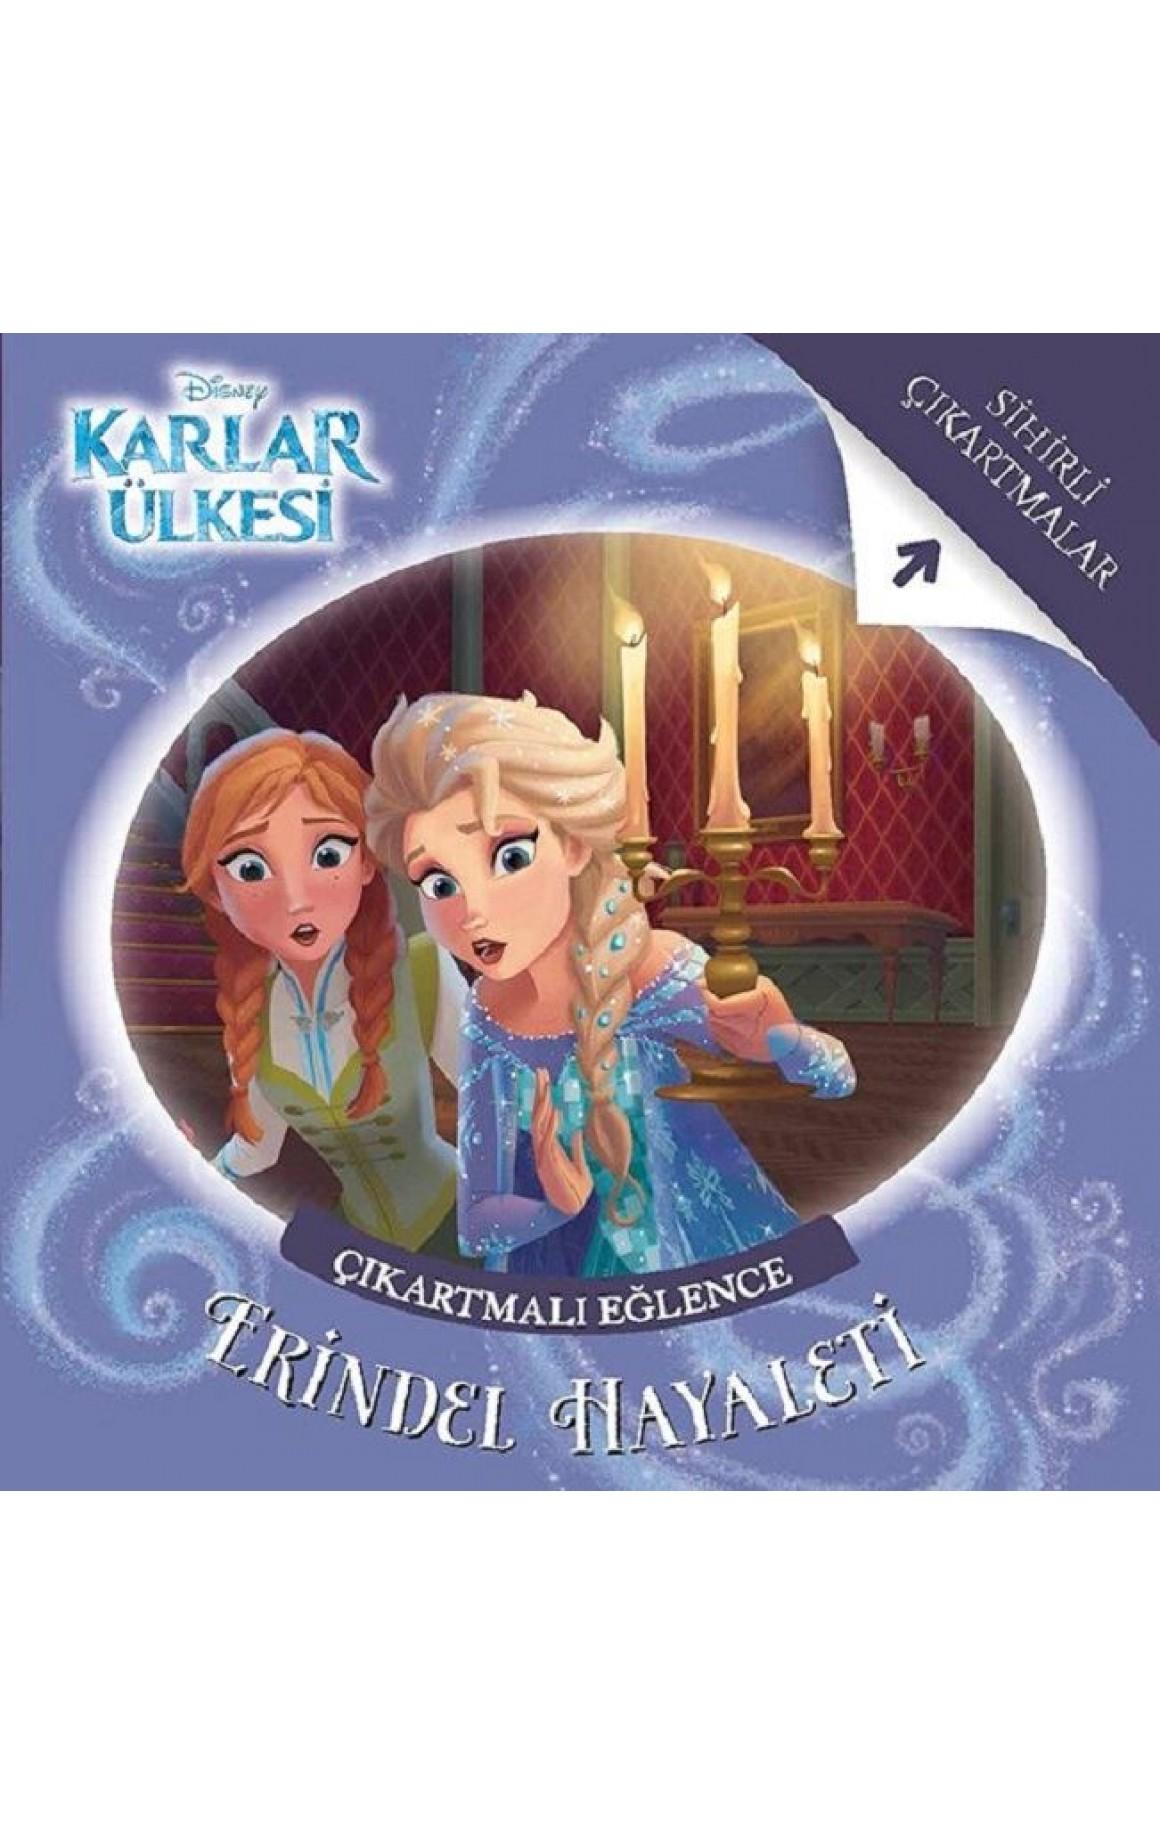 Disney Karlar Ülkesi-Erindel Hayaleti Çıkartmalı Eğlence